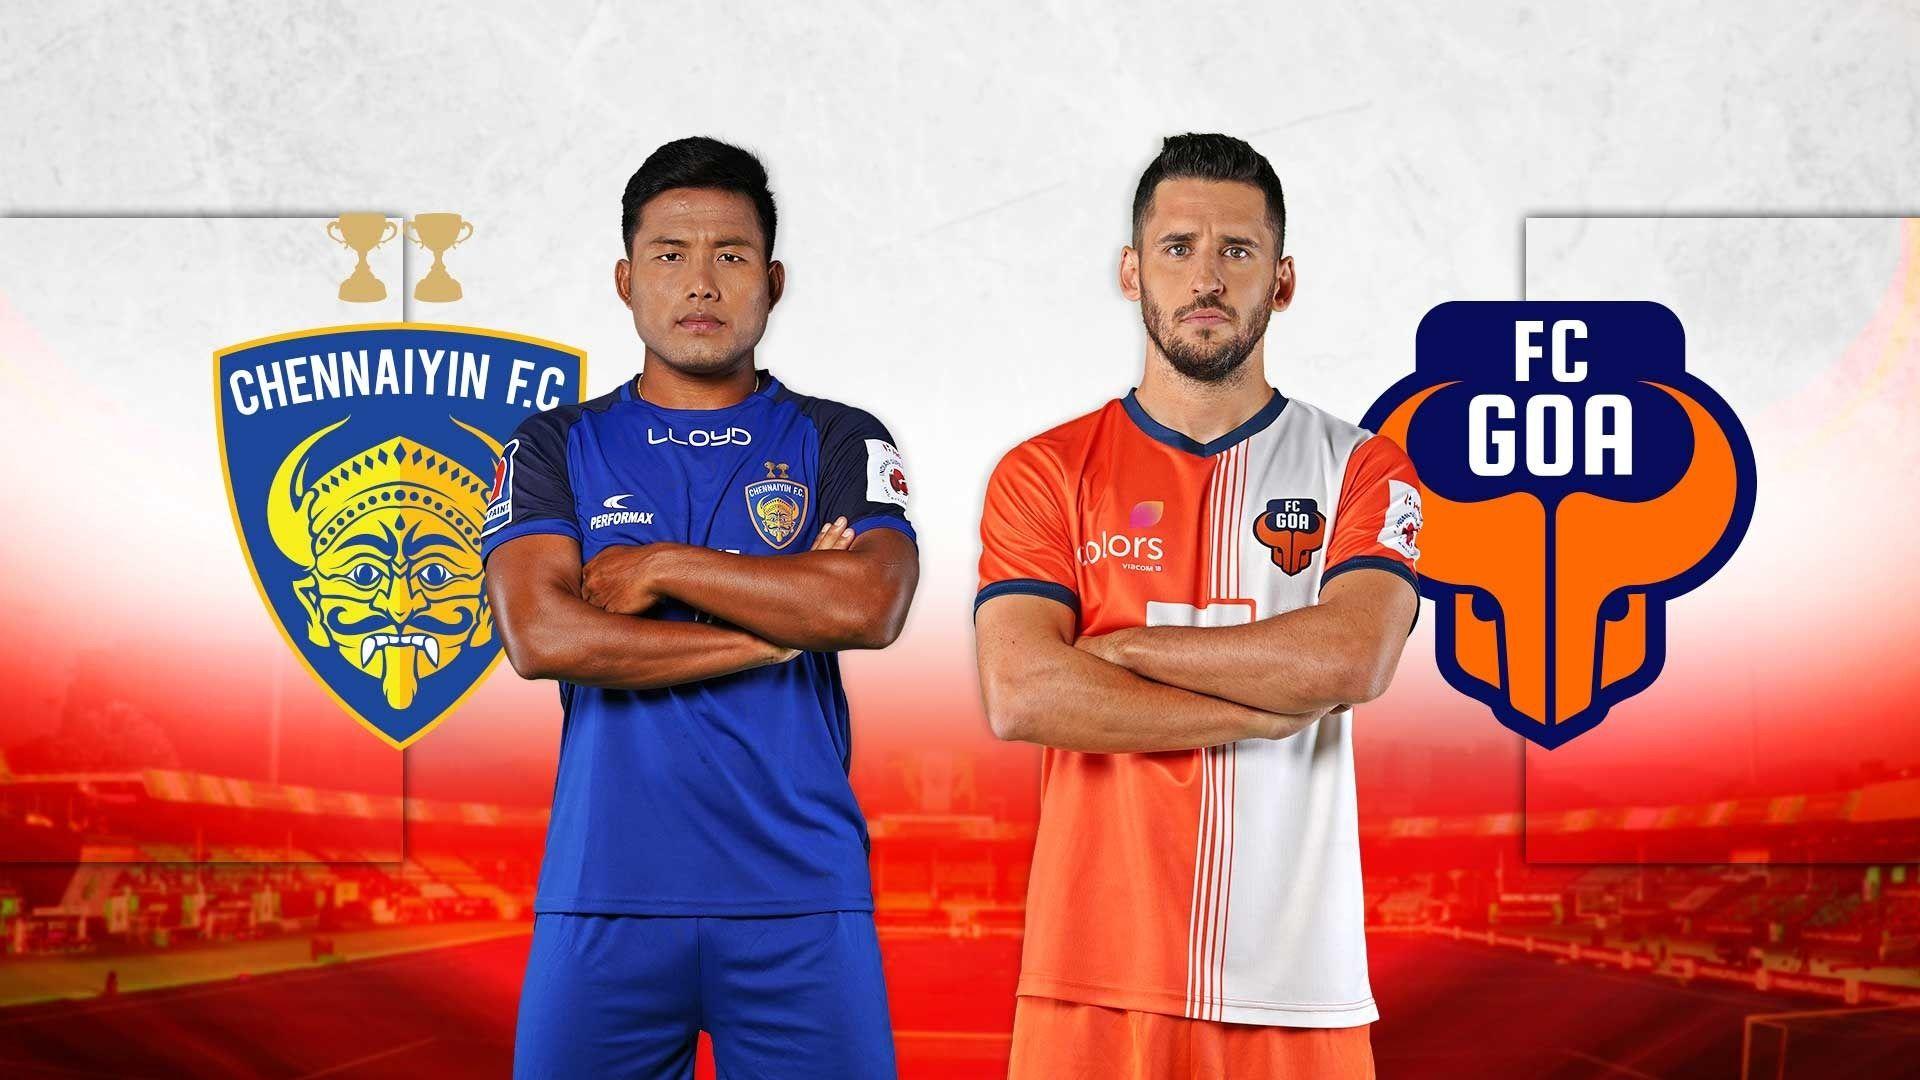 Chennaiyin vs Goa_Picture Credits-Twitter